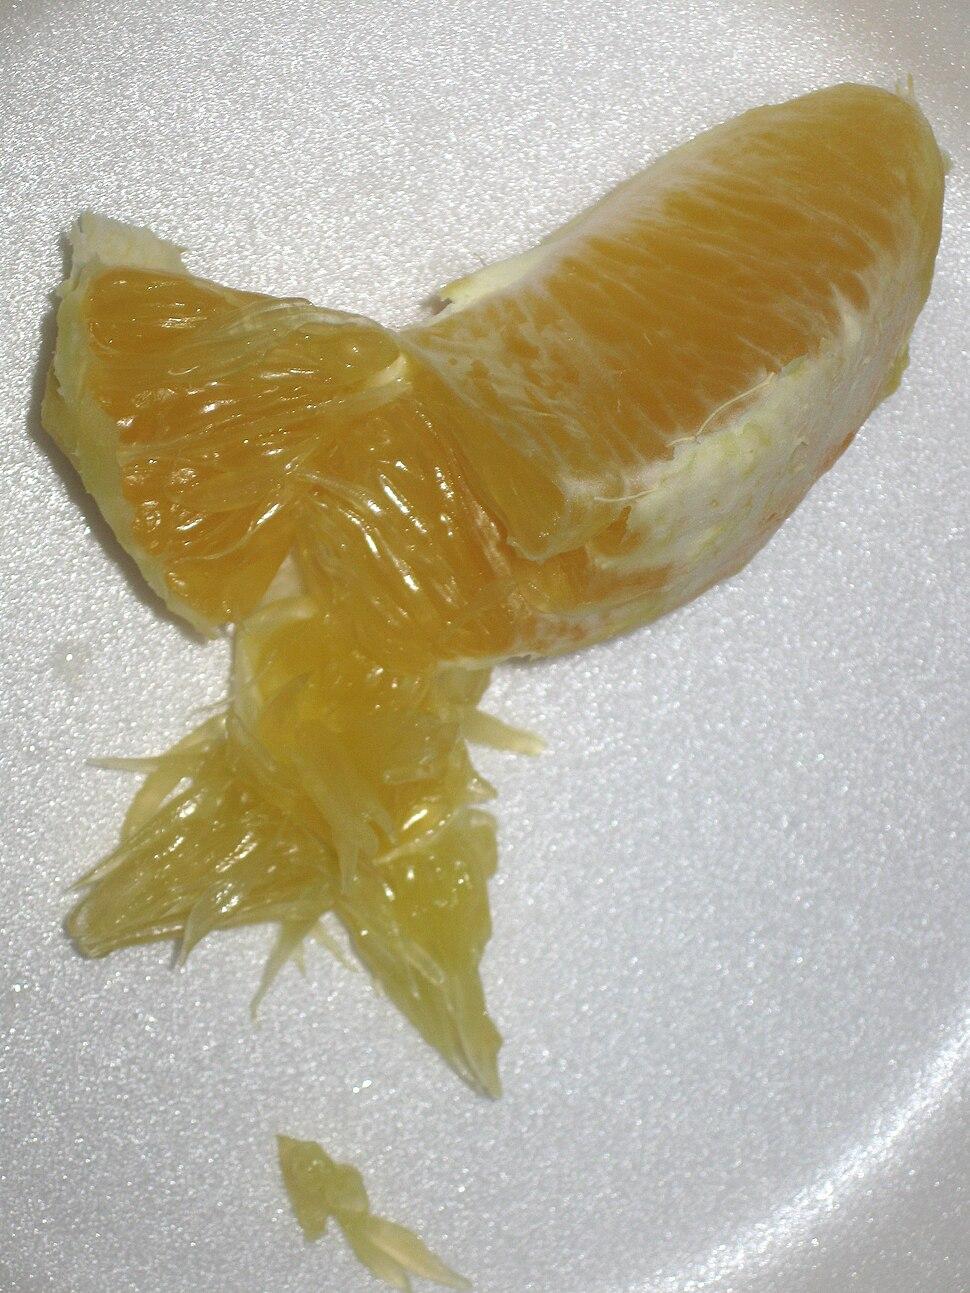 Citrus pulp1